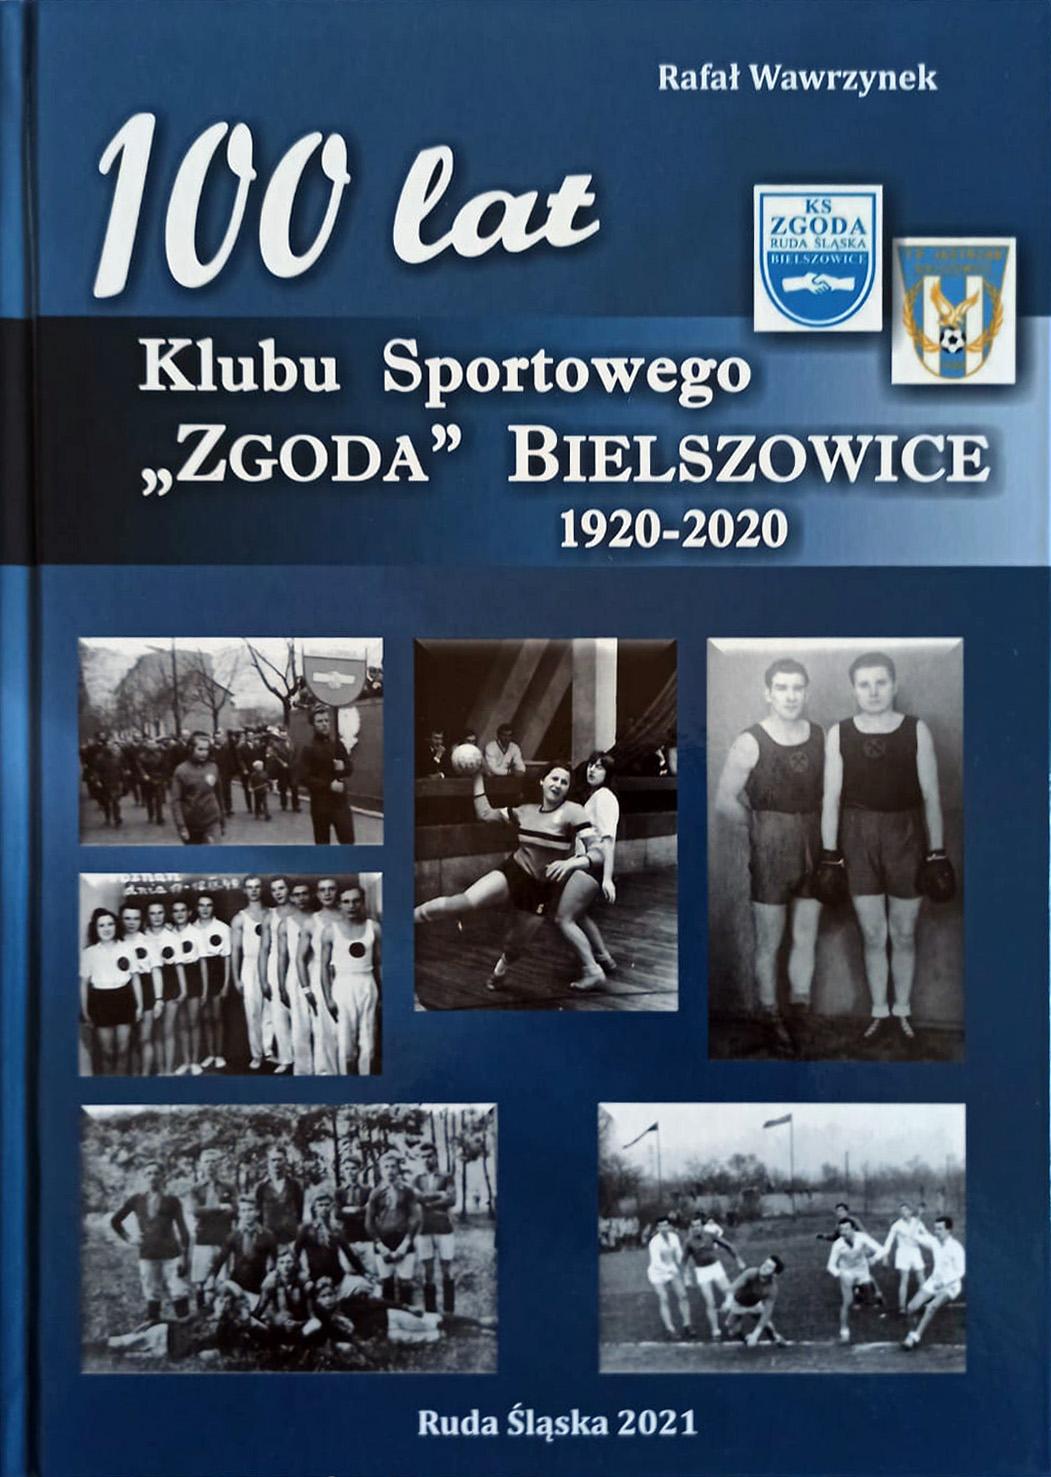 100 lat KS Zgoda Ruda Śląska Bielszowice Ksiązka